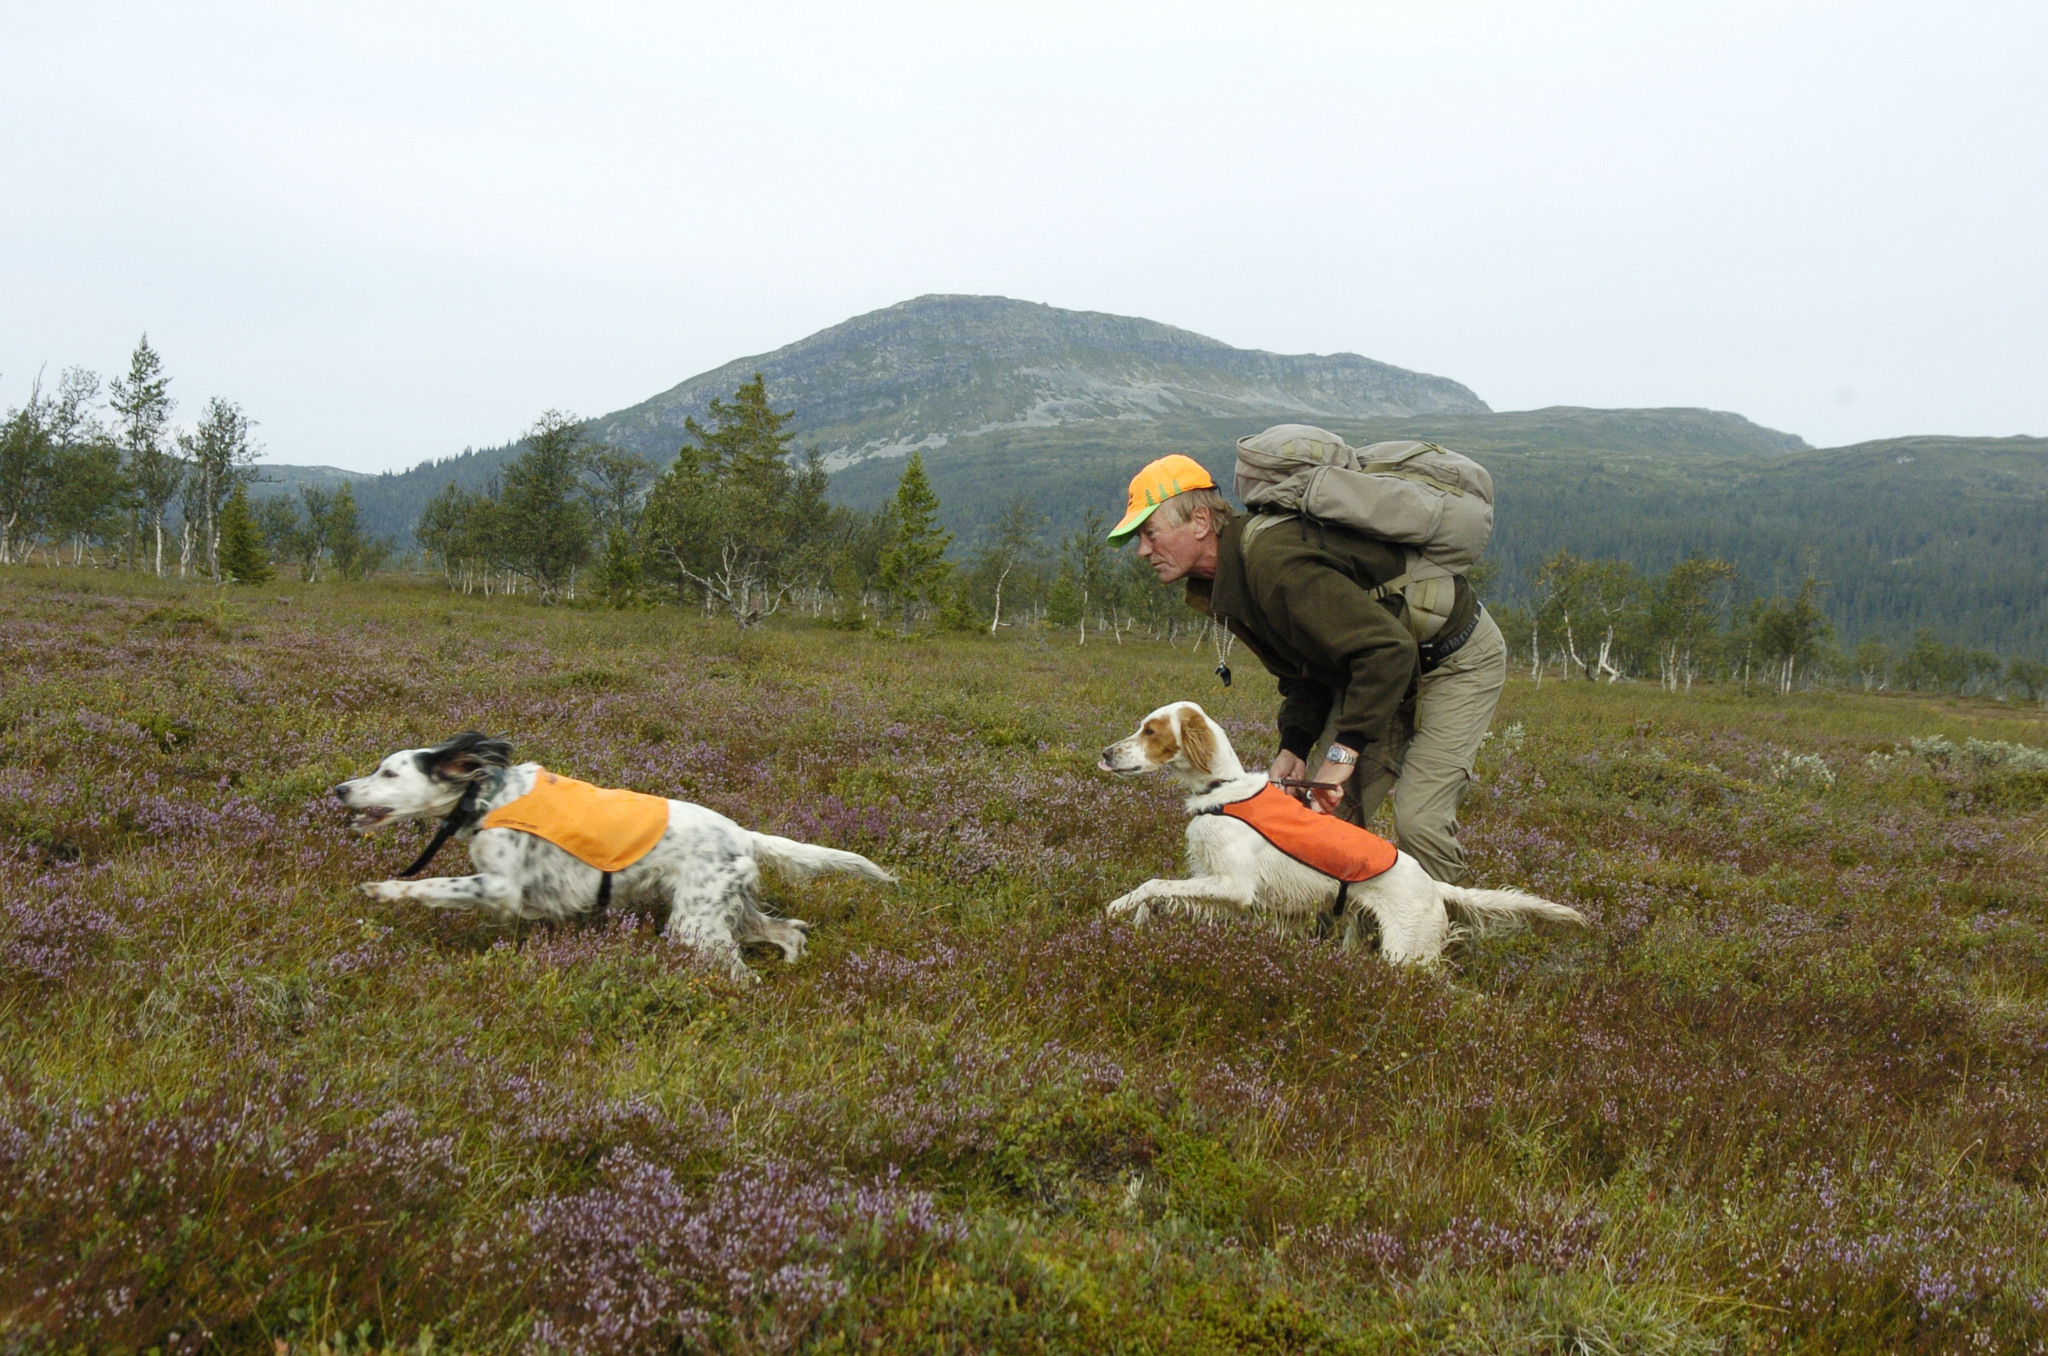 Att ge besökande jägare en helhetsupplevelse med jakt, hundar, guider, mat och boende är det bästa sättet att bedriva jaktturism, skriver jaktföretagarna som stöder förslagen till ändringar i rennäringsförordningen. Foto: Jan Henricson